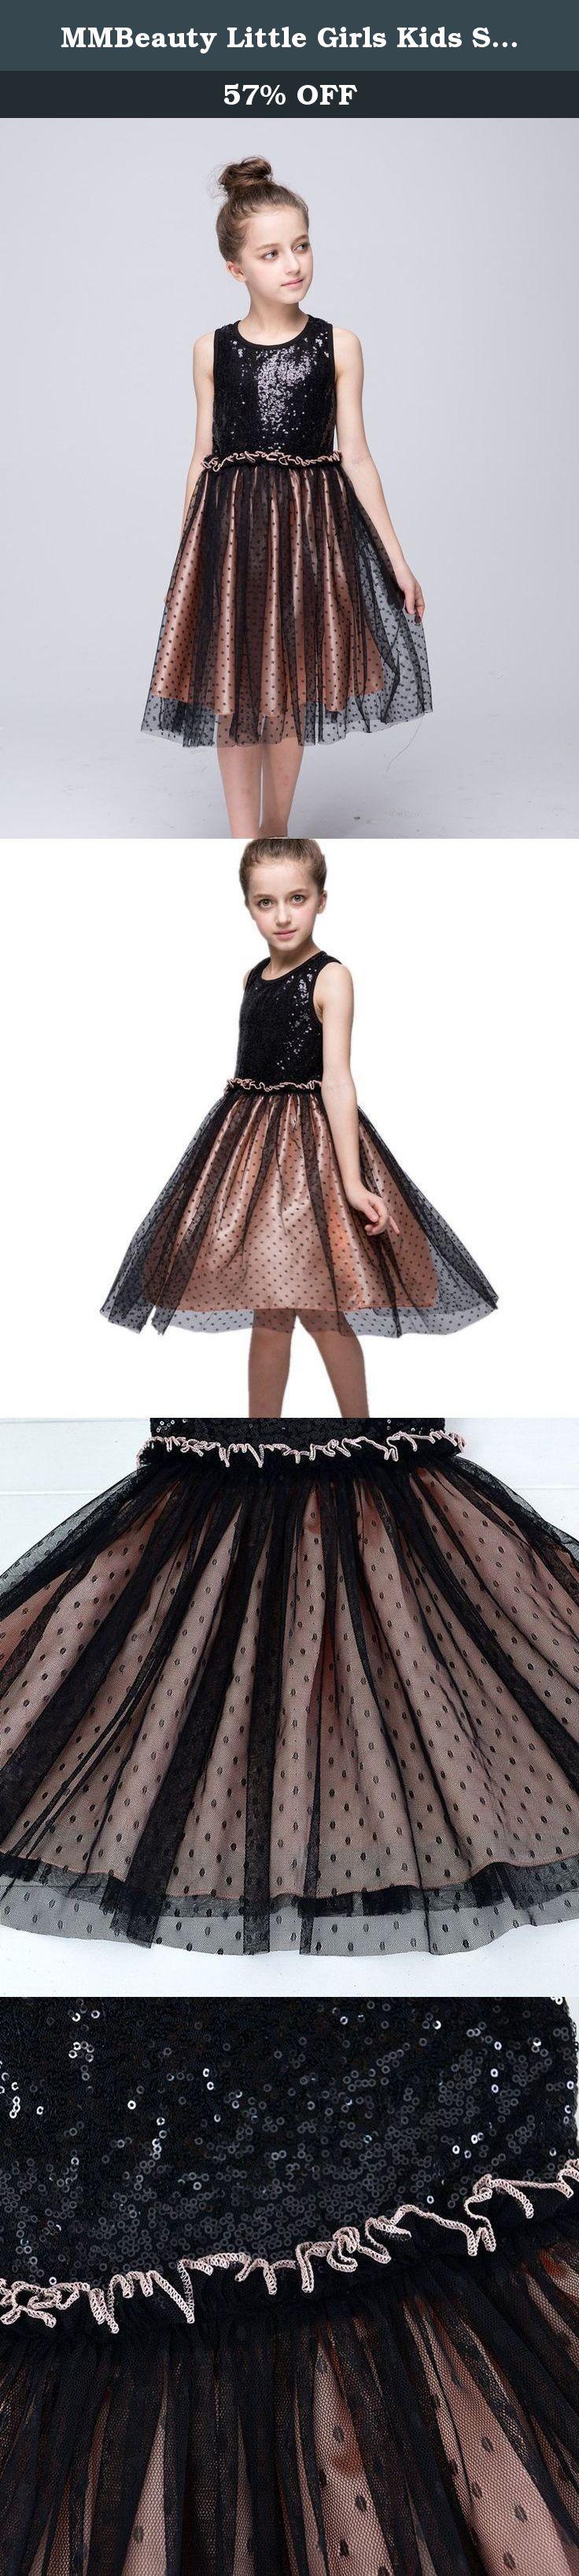 Mmbeauty little girls kids sequin mesh polka dot princess dress